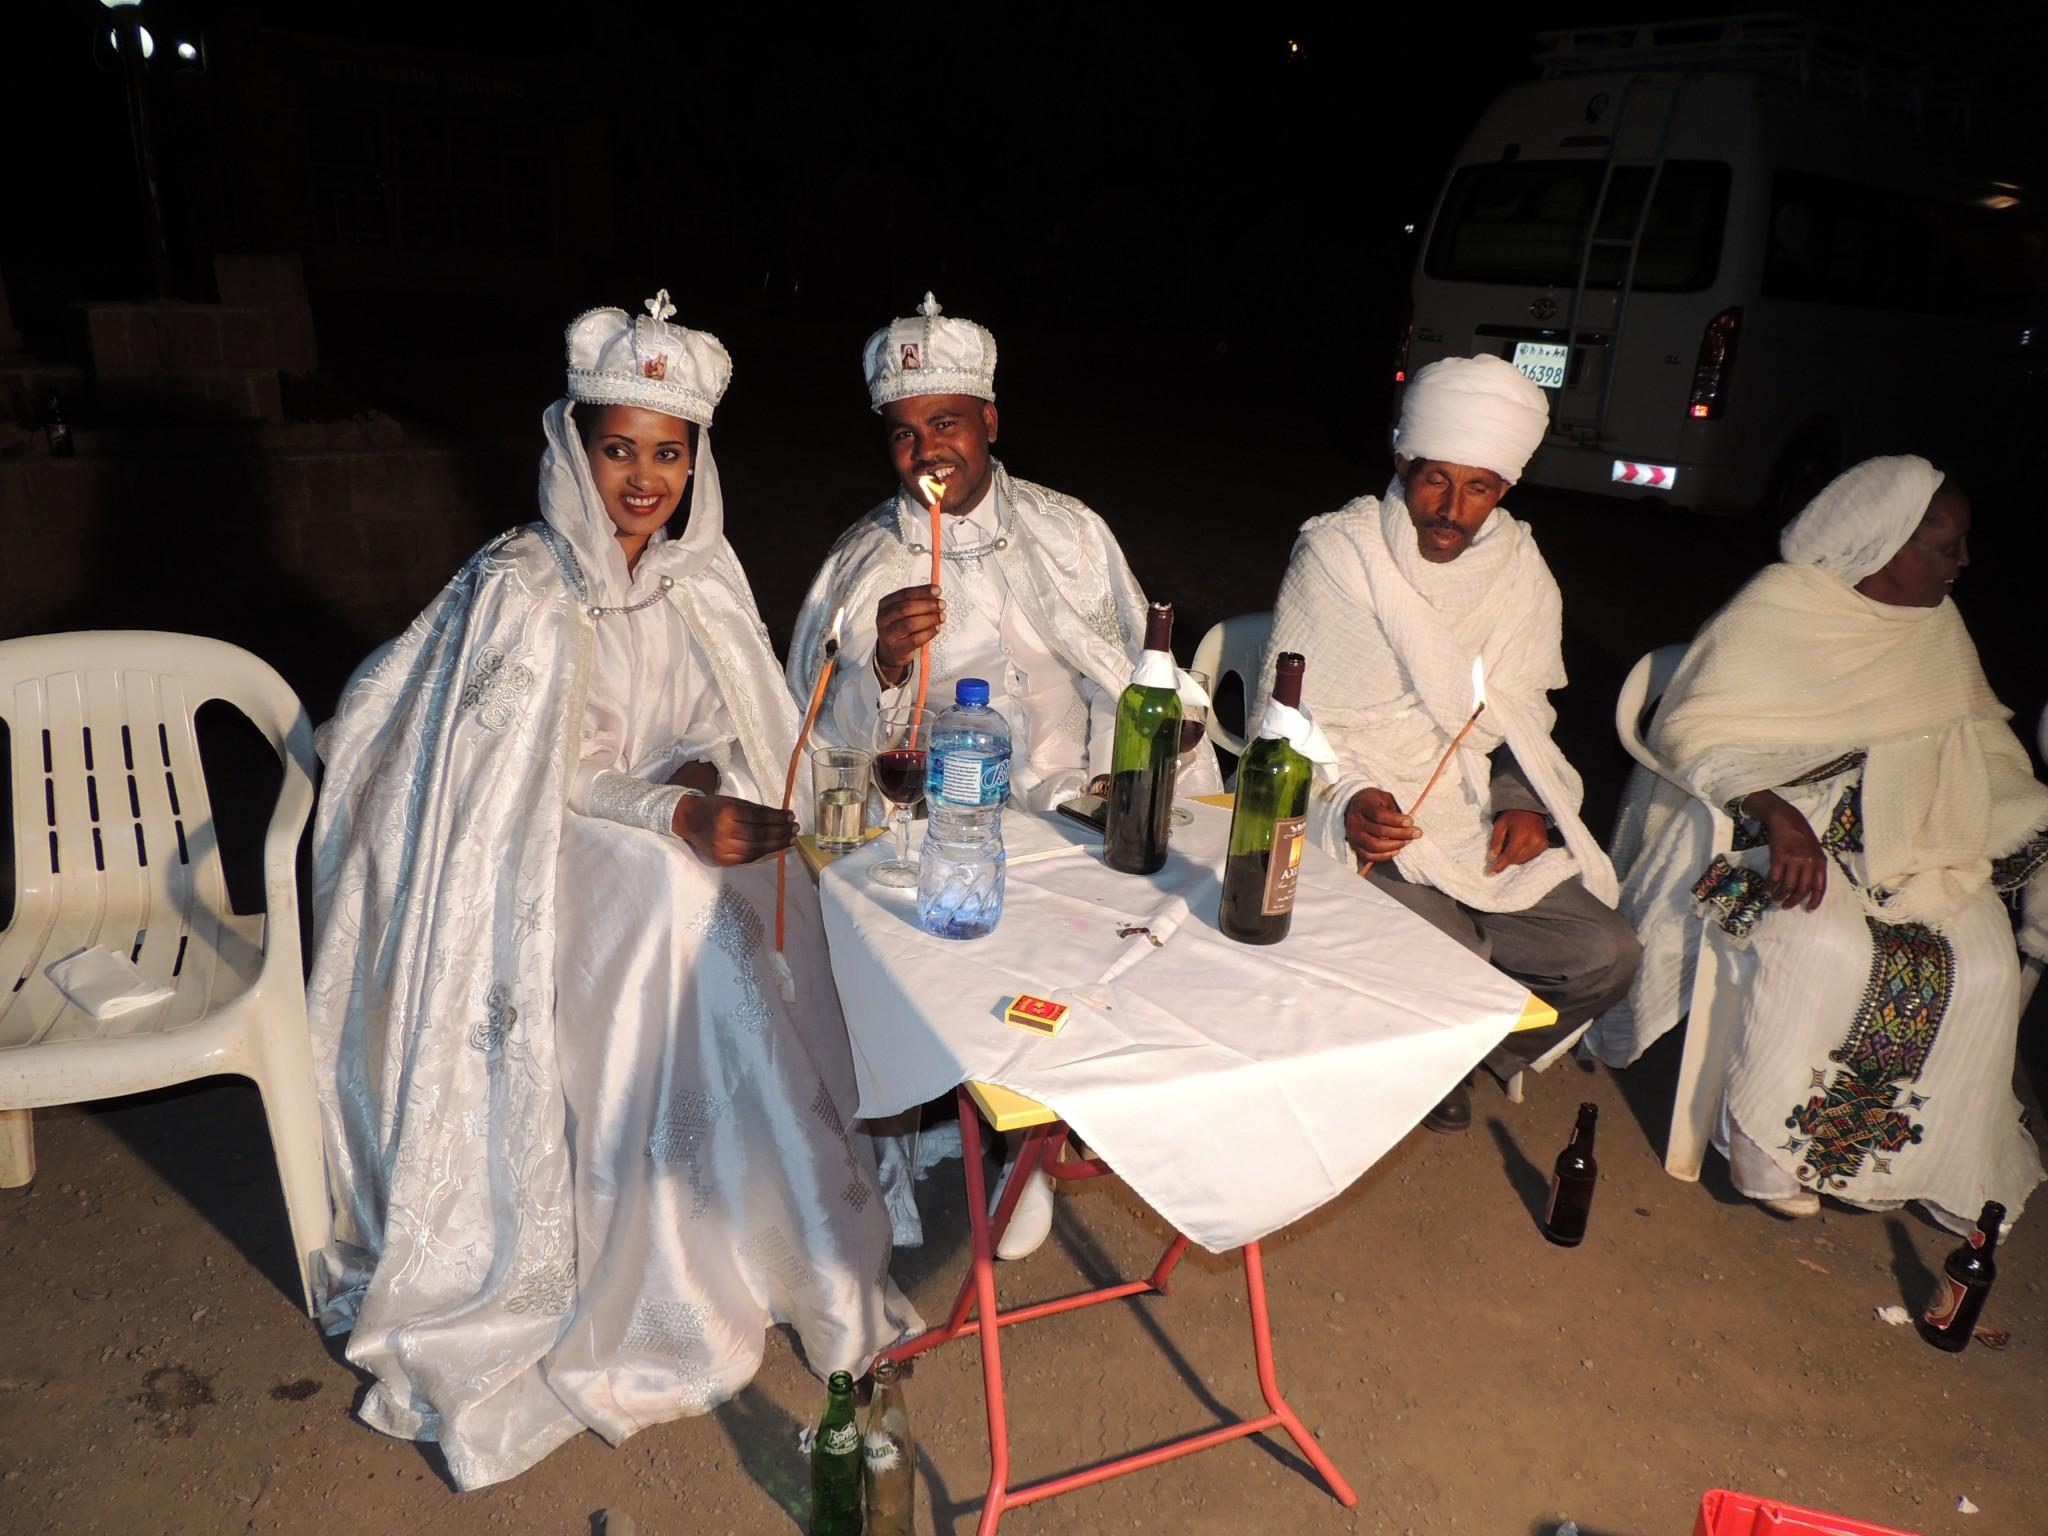 Groepsreis Ethiopië, een land met cultuur, natuur en unieke volkeren8